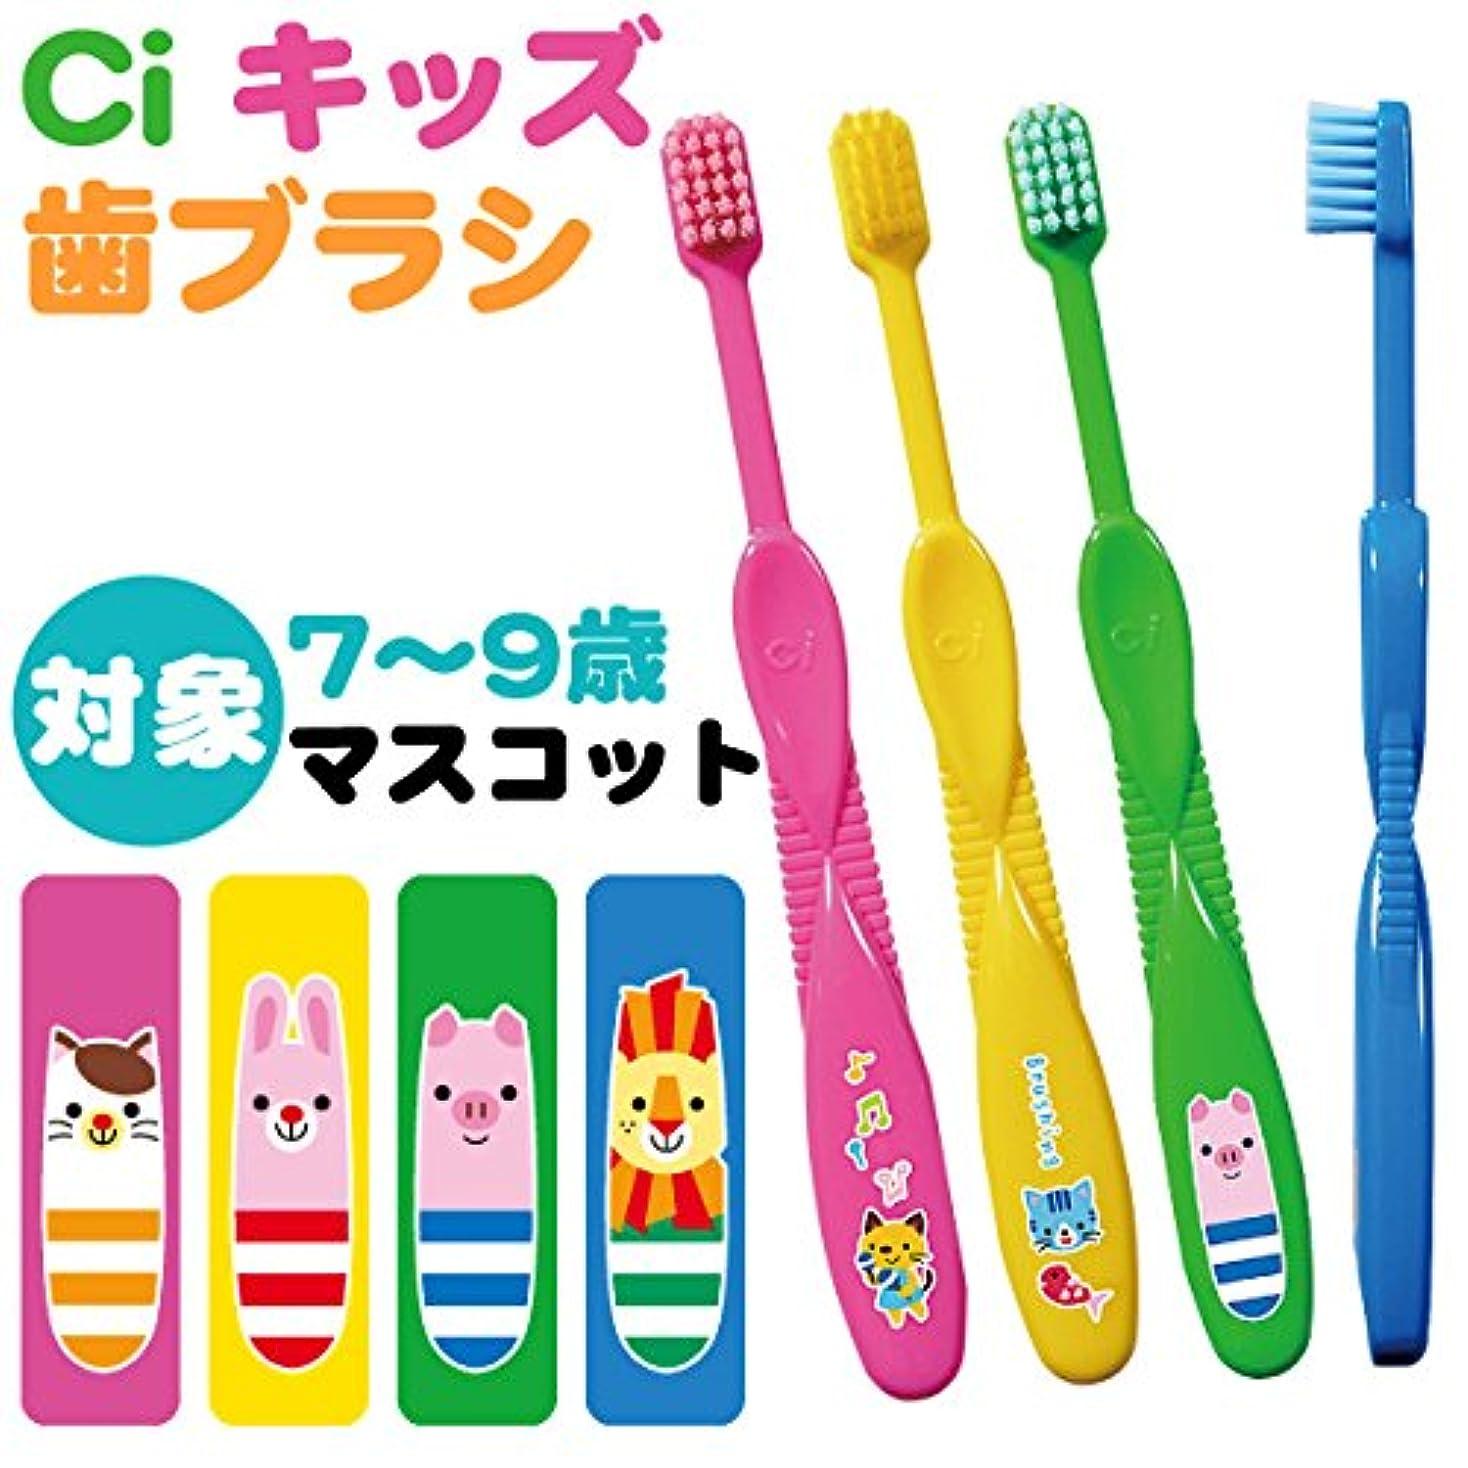 十一本物のまろやかなCiキッズ歯ブラシ マスコット柄 24本